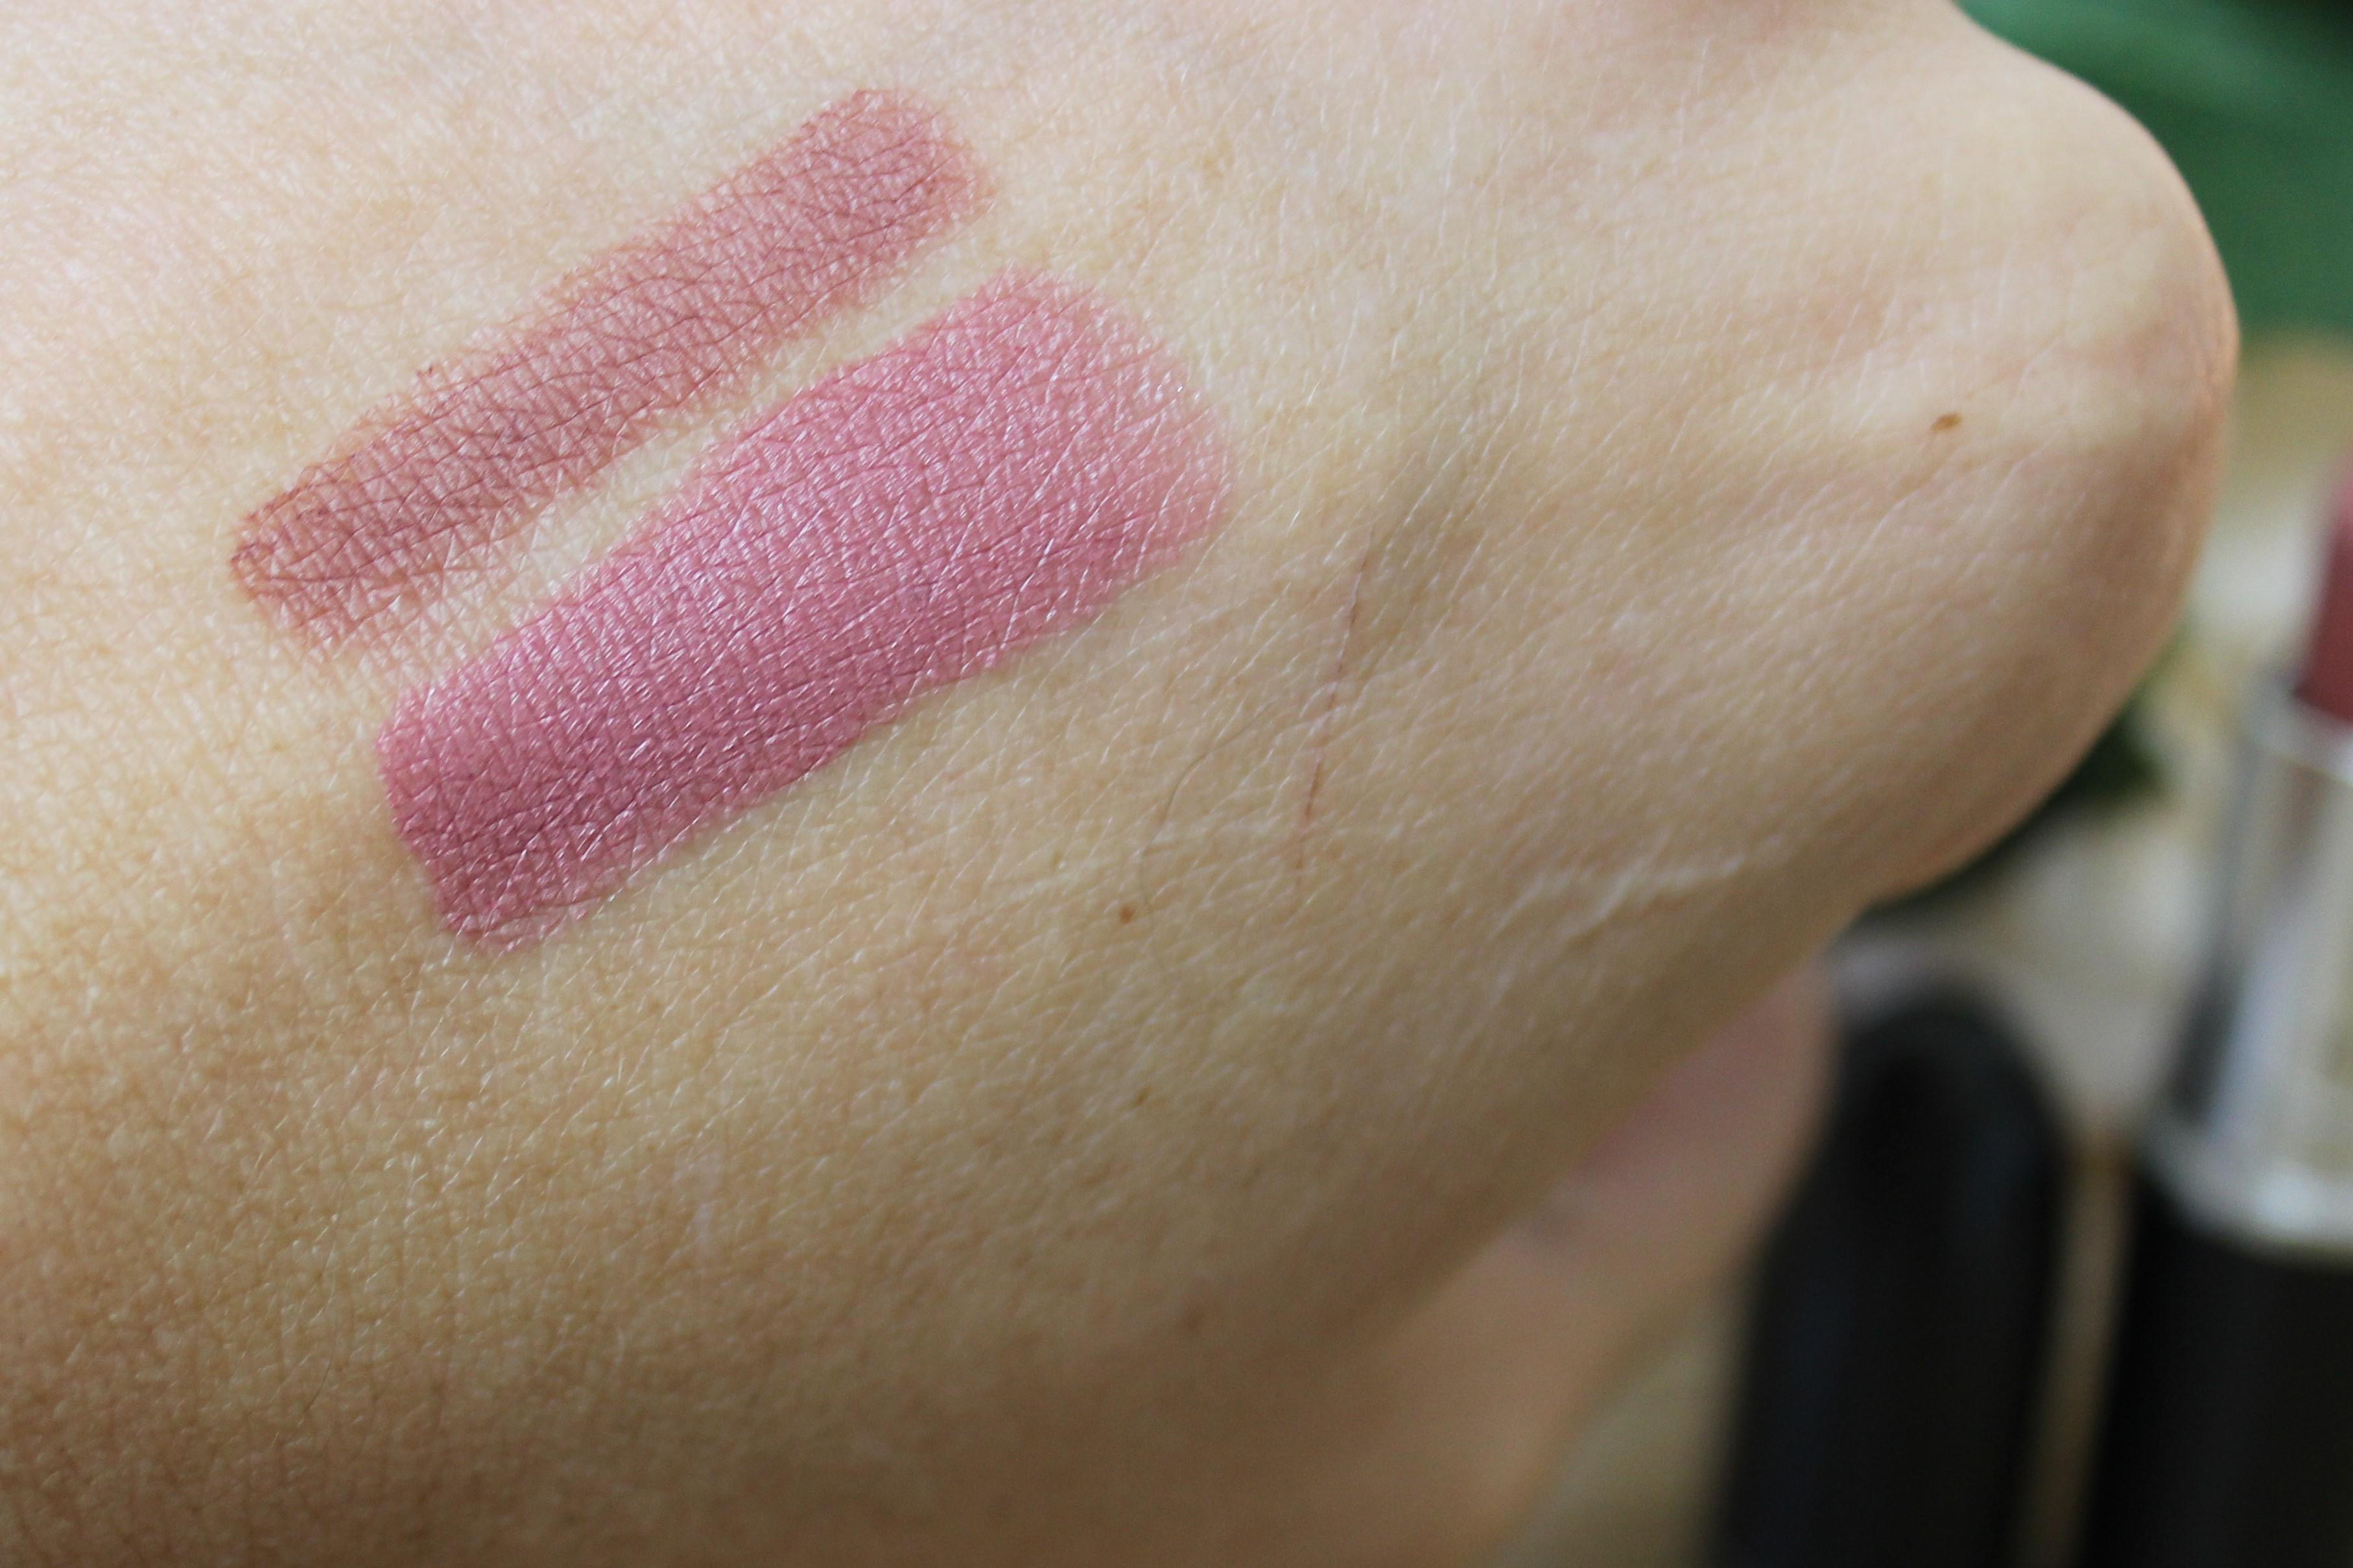 mac soar vs whirl lip liner